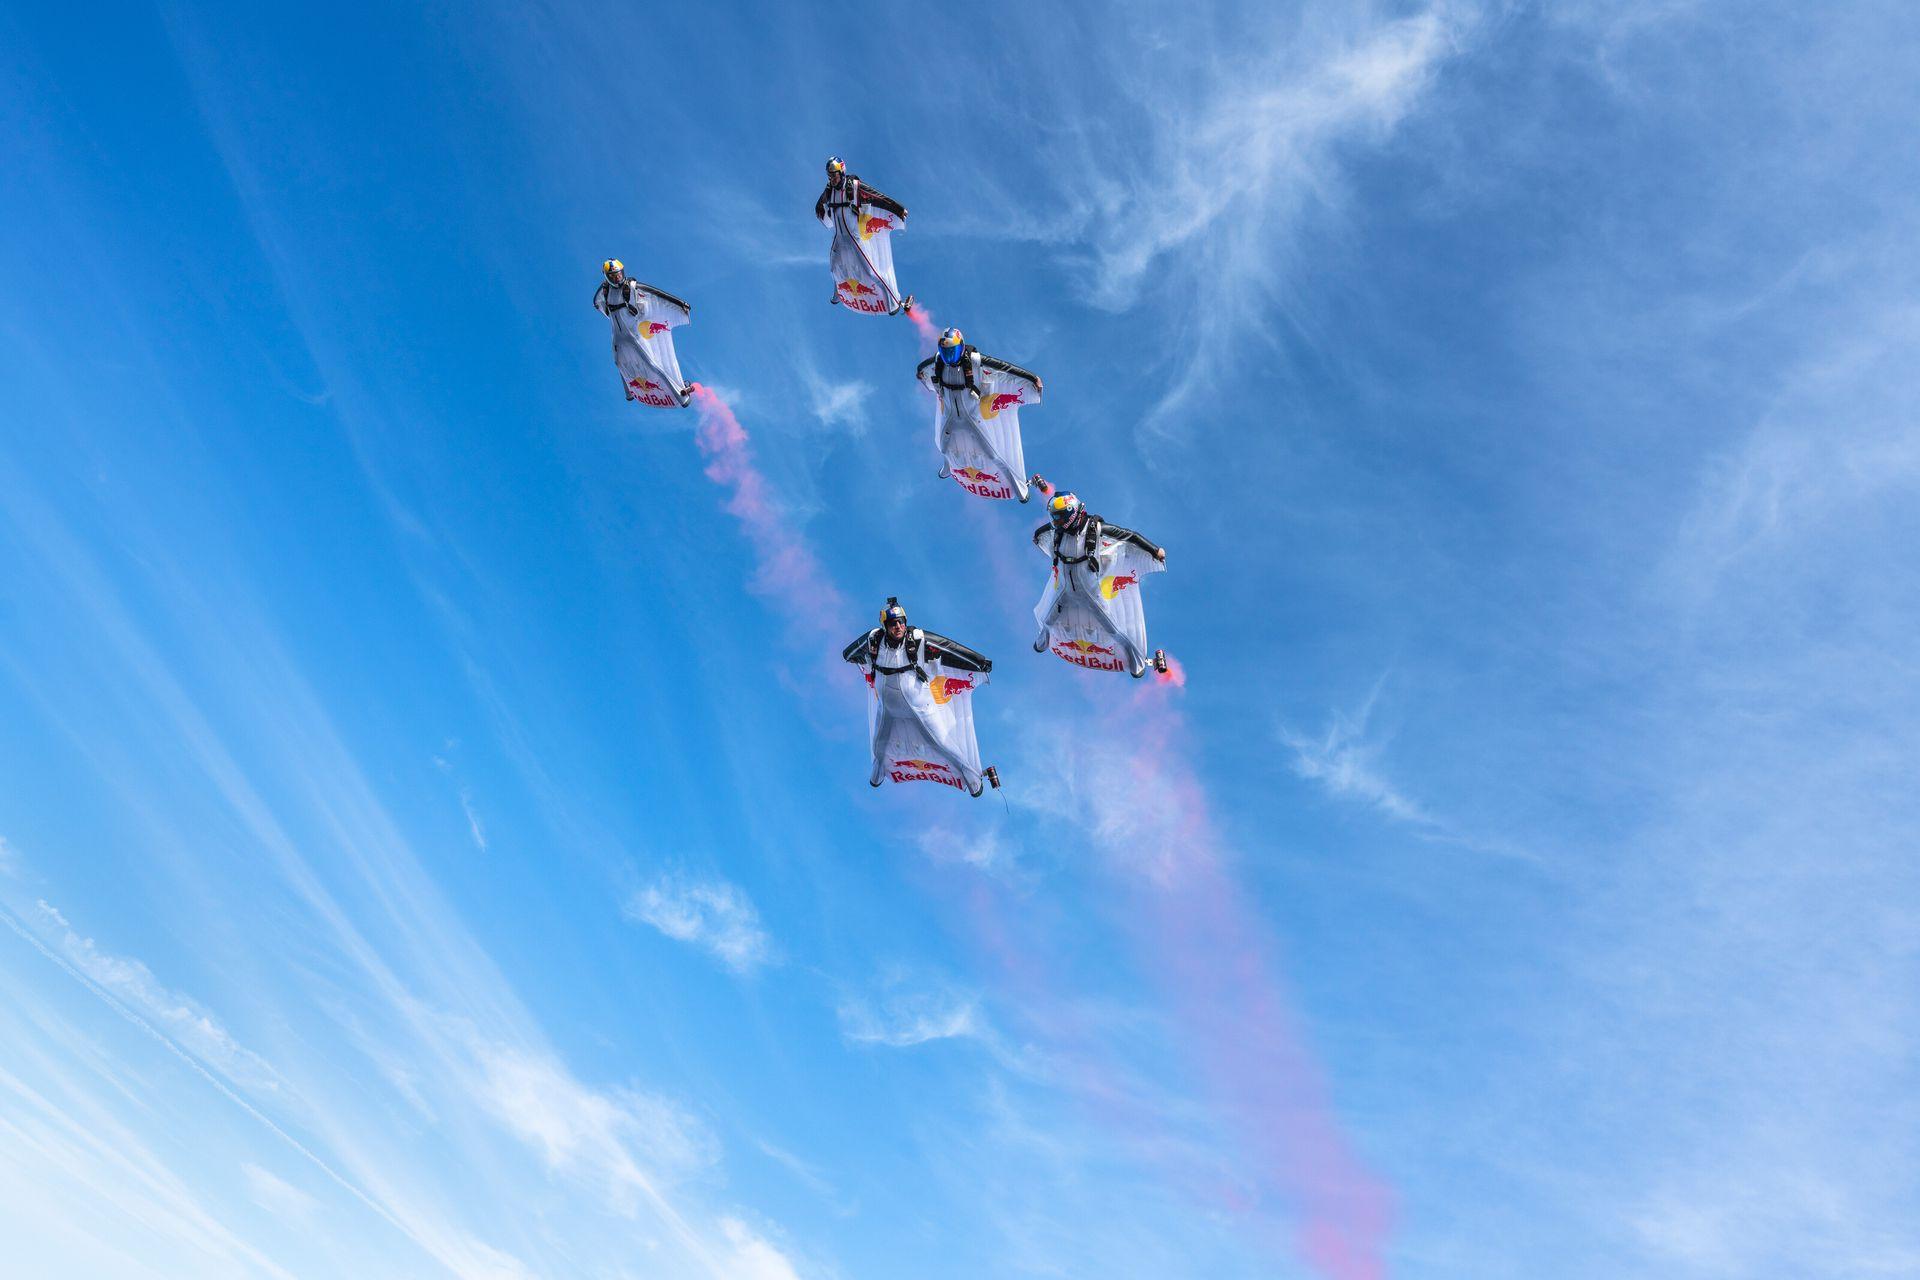 """En plena caída los miembros del equipo de paracaidistas despliegan sus """"wingsuits"""", los trajes aéreos con alas incluídas"""